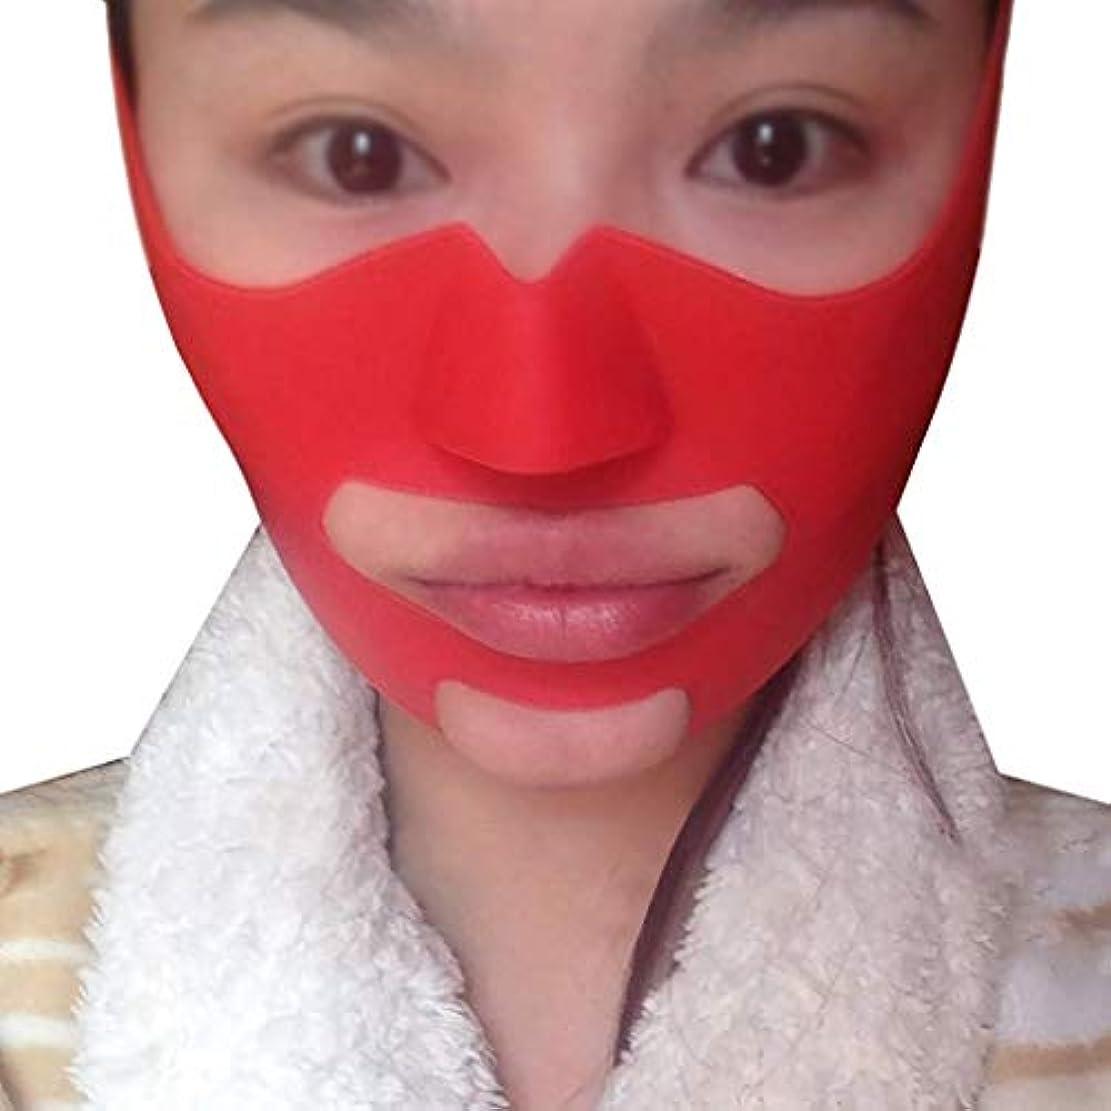 アナウンサー調和崇拝しますフェイスリフトマスク、シリコーンVフェイスマスクフェイスマスク強力な薄い咬筋筋肉を持ち上げるアップルの筋肉パターン布アーティファクト小さなV顔包帯顔と首リフト